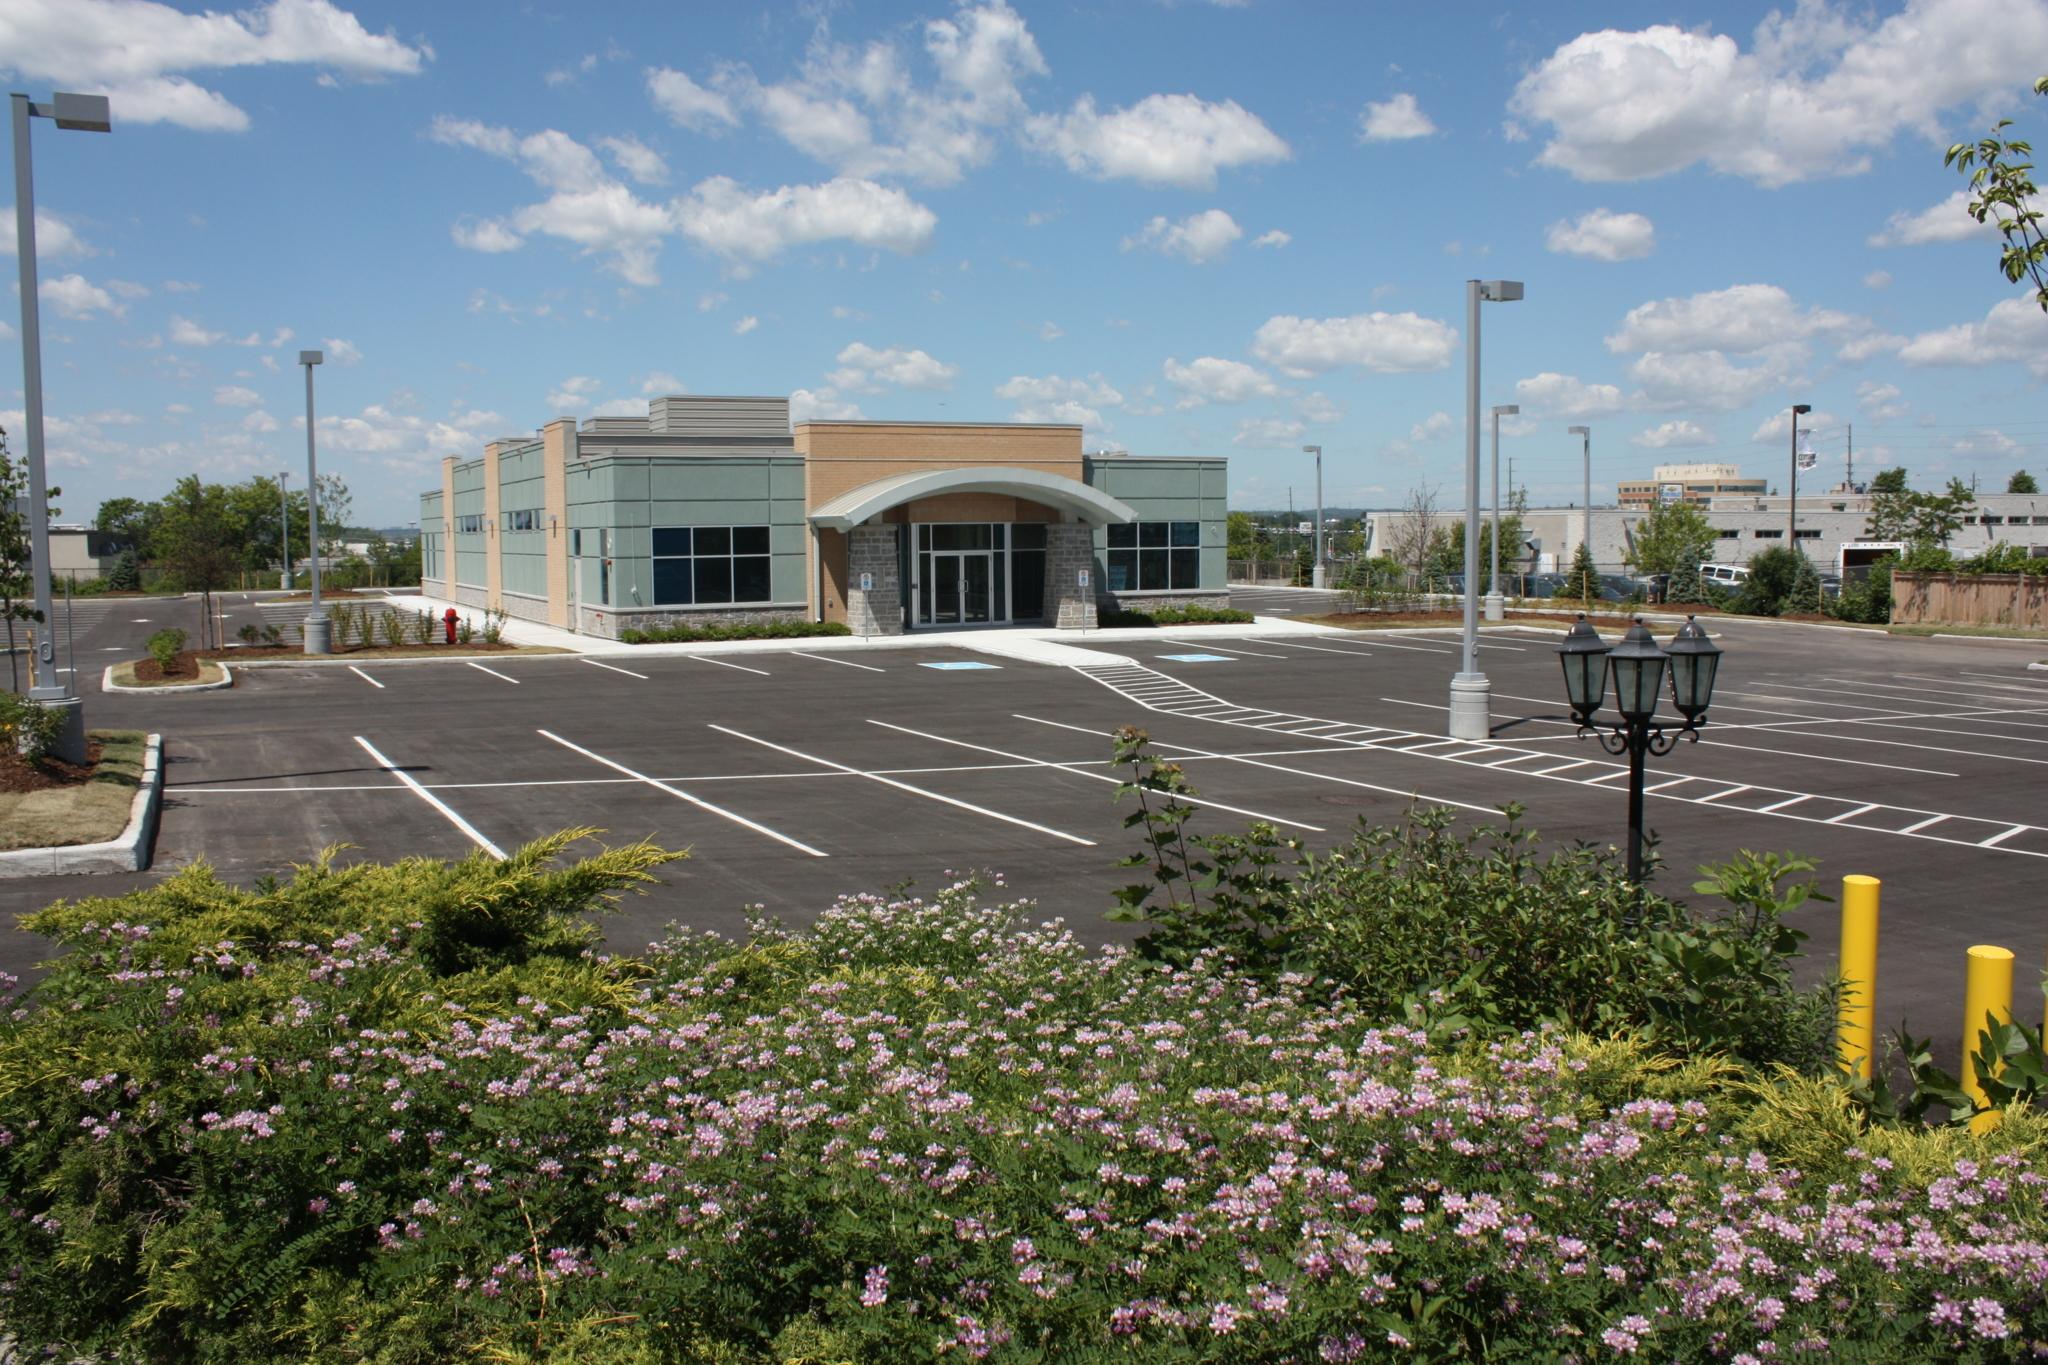 Ajax Crematorium and Visitation Centre